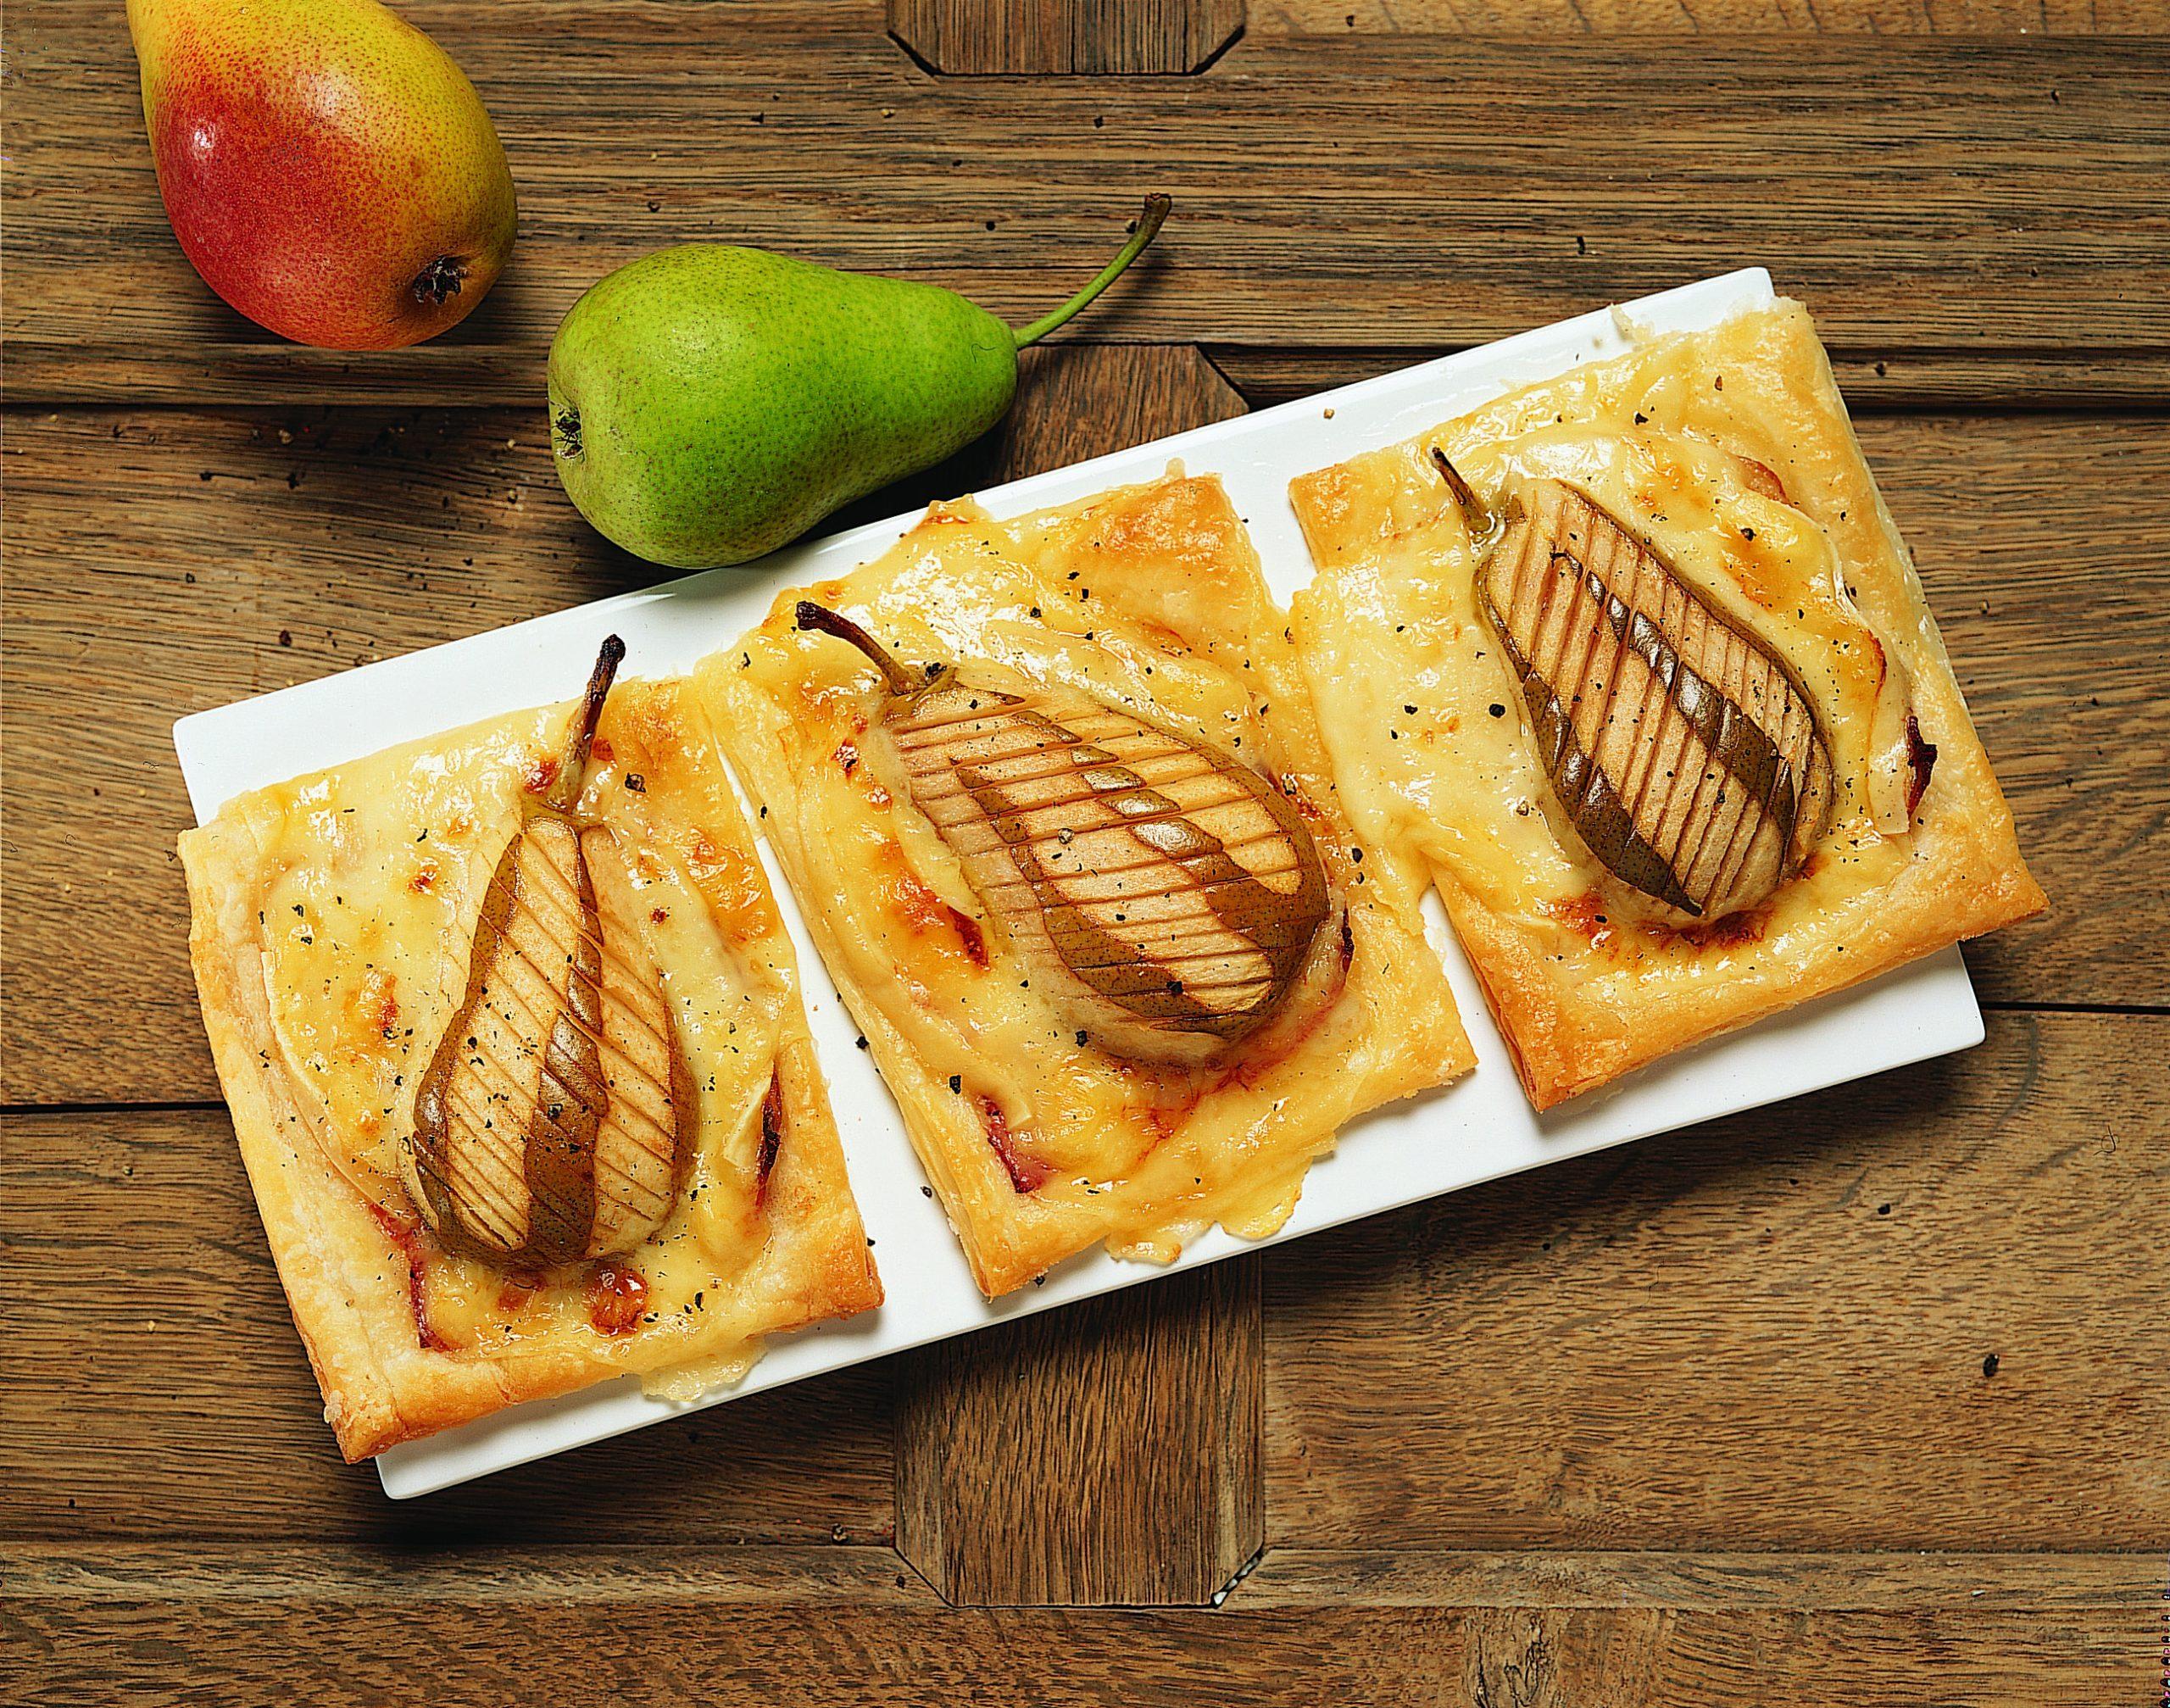 Jalousies aux poires, au jambon et au fromage à raclette